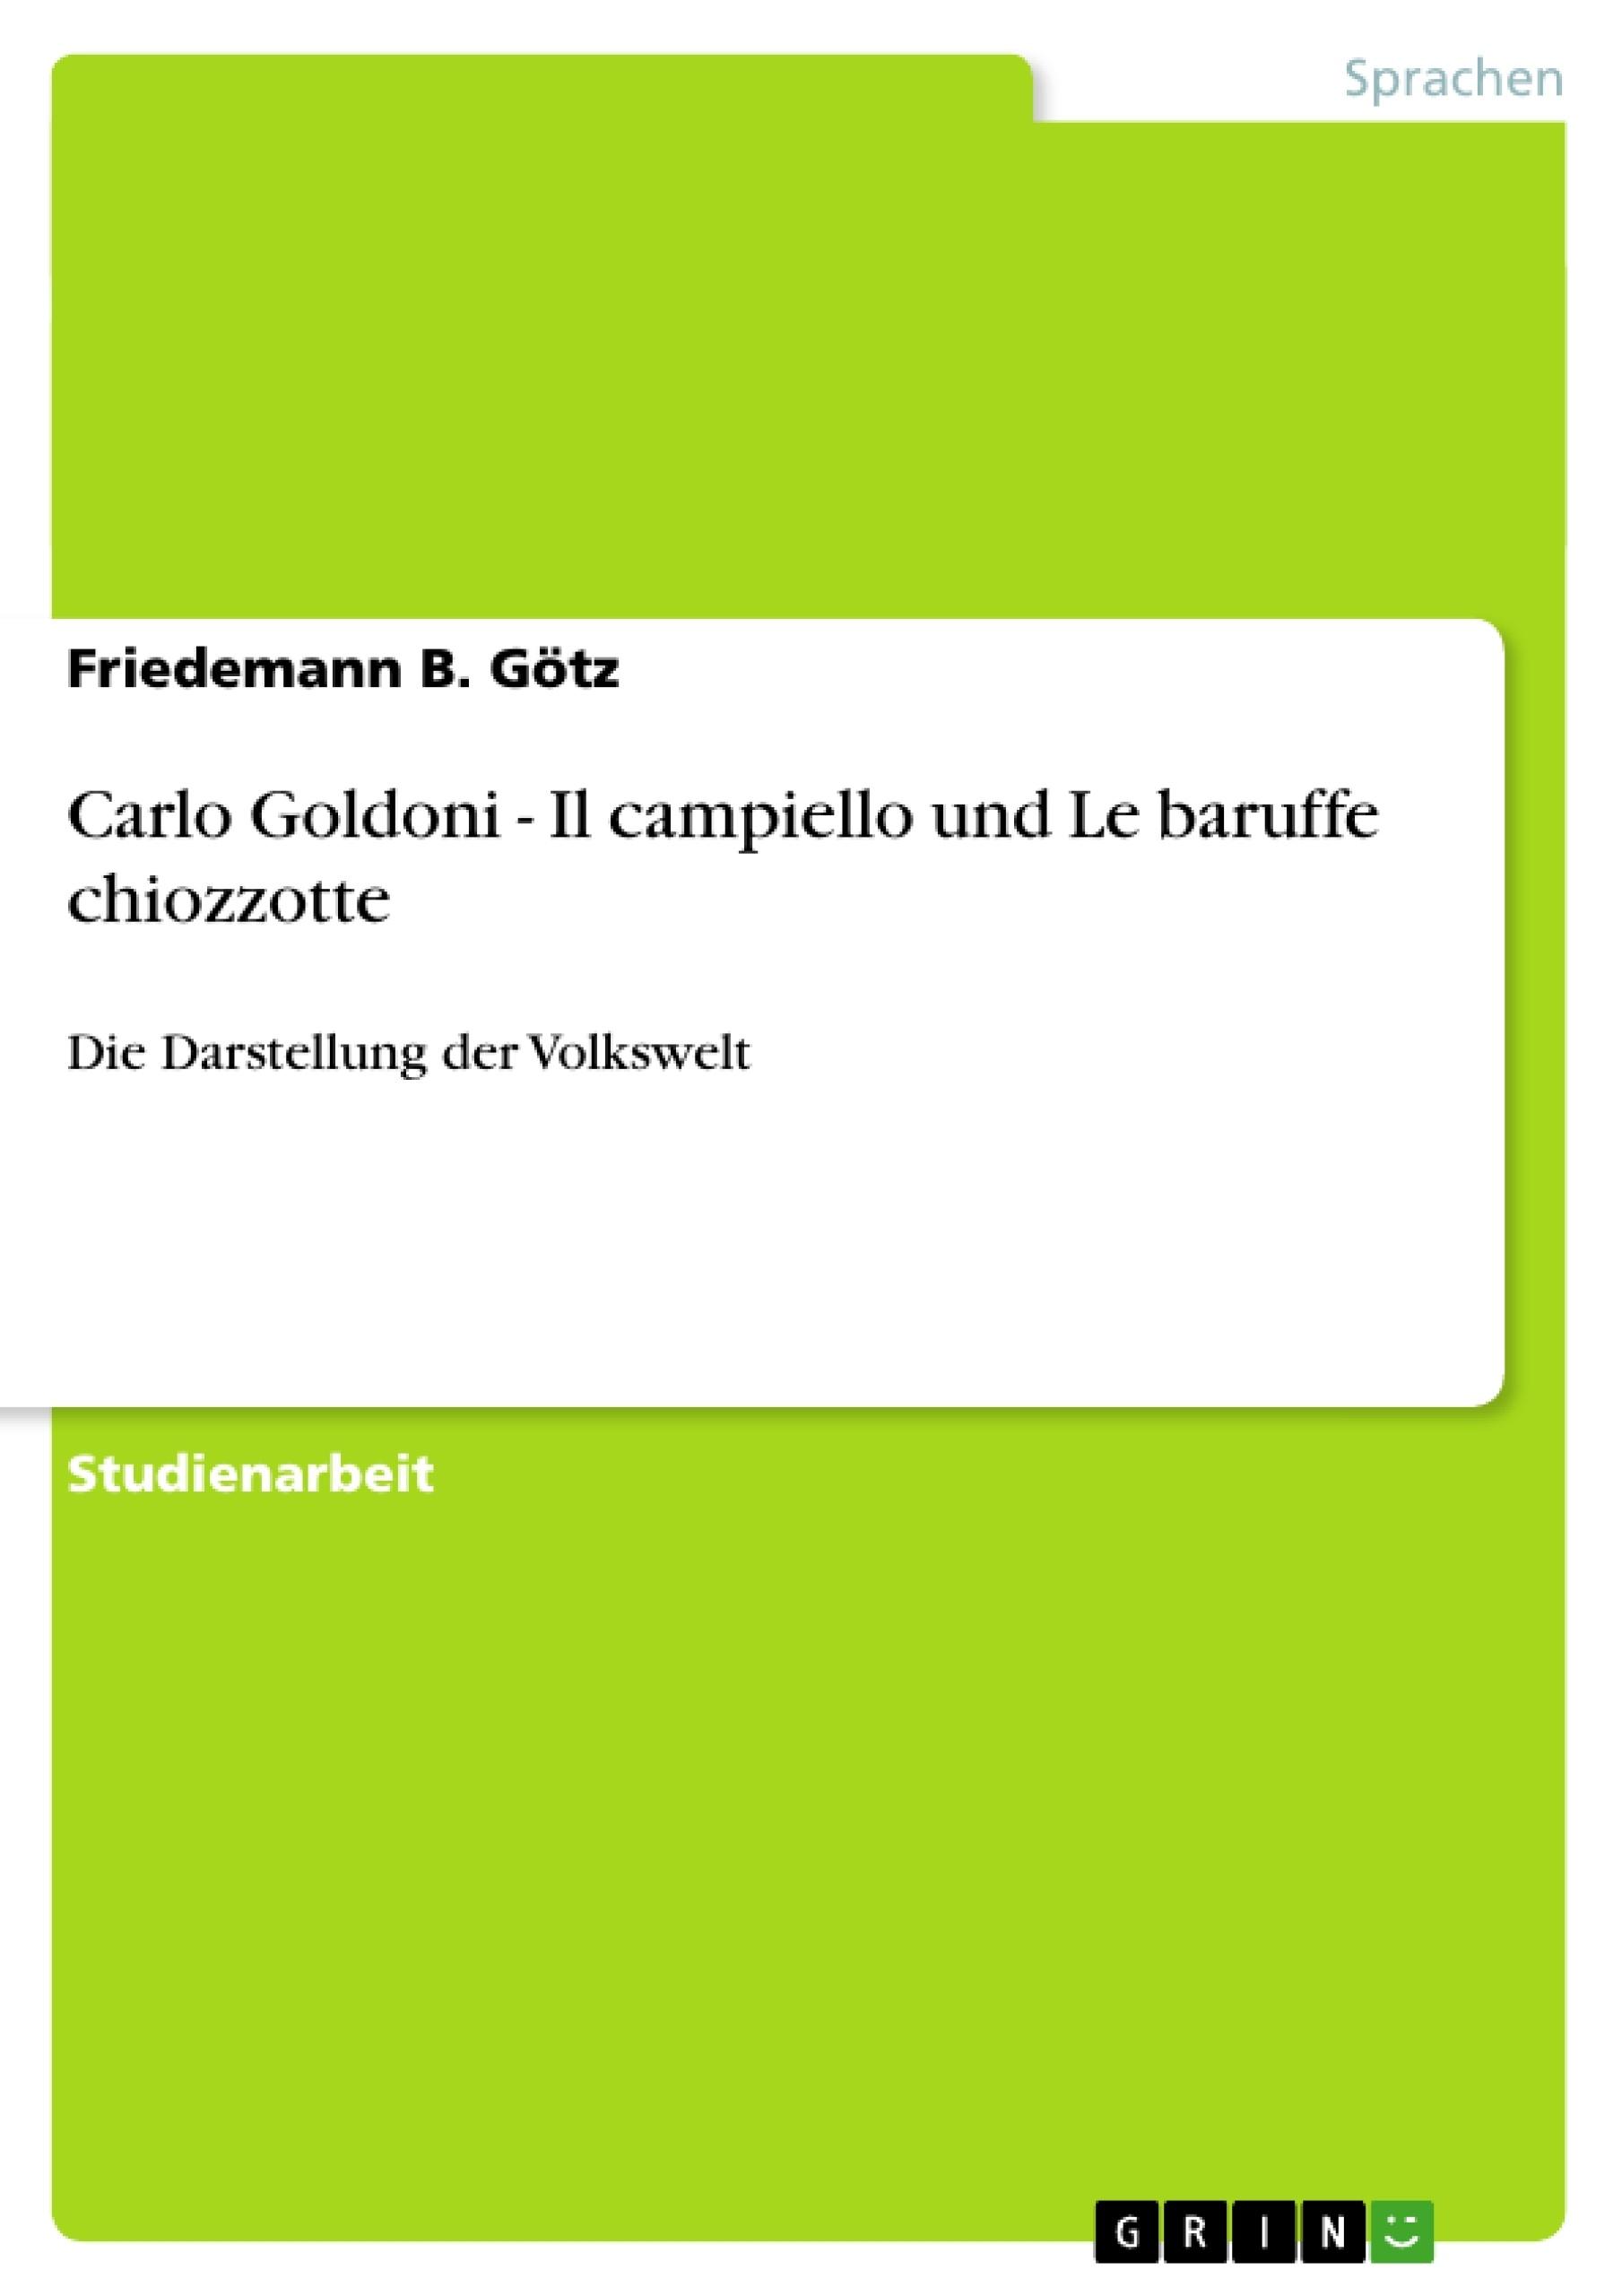 Titel: Carlo Goldoni - Il campiello und Le baruffe chiozzotte